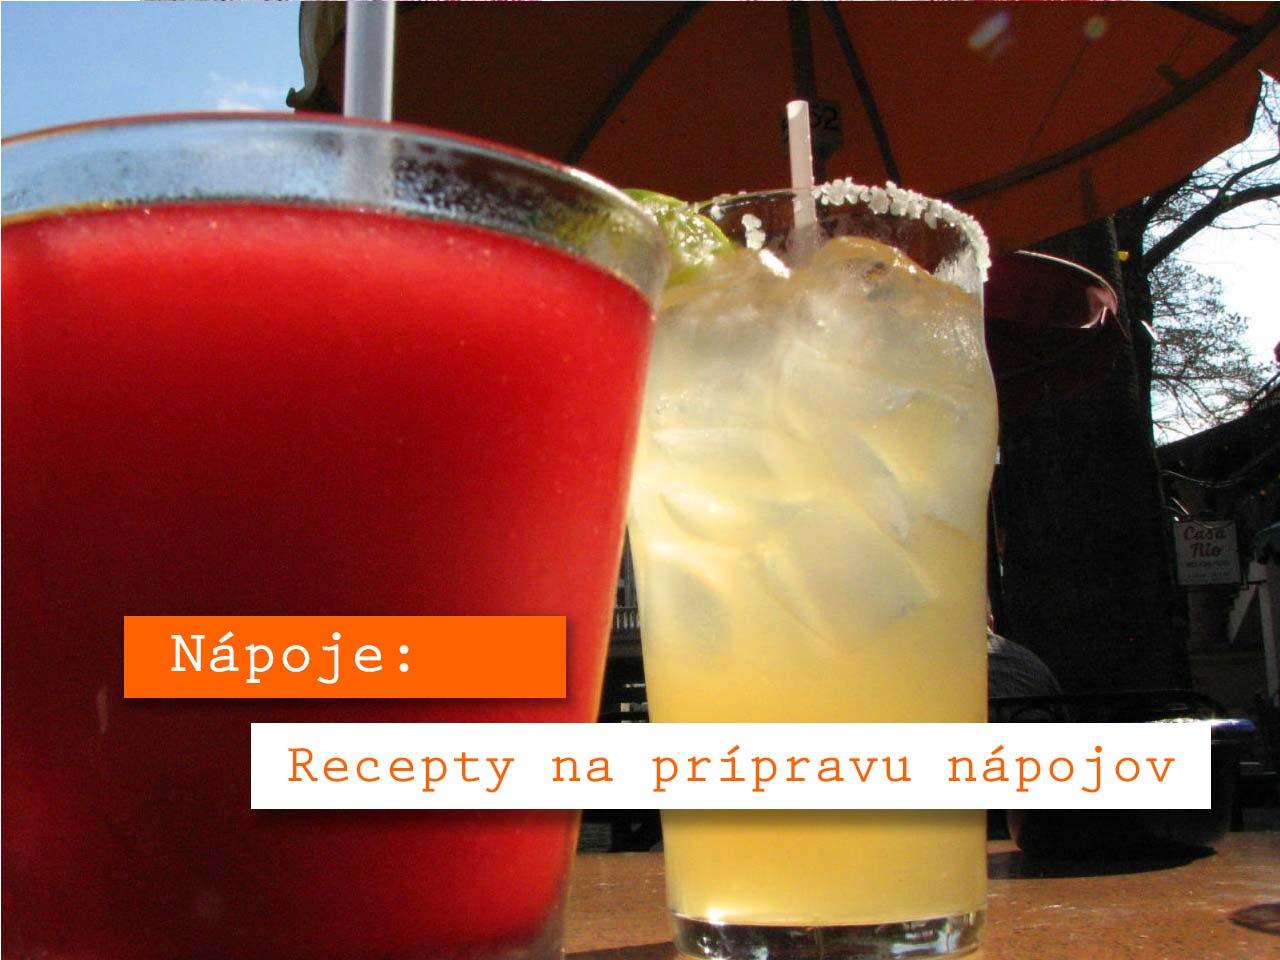 Nápoje-a-recepty-na-prípravu-nápojov Letné recepty, pripravte si letné jedlá